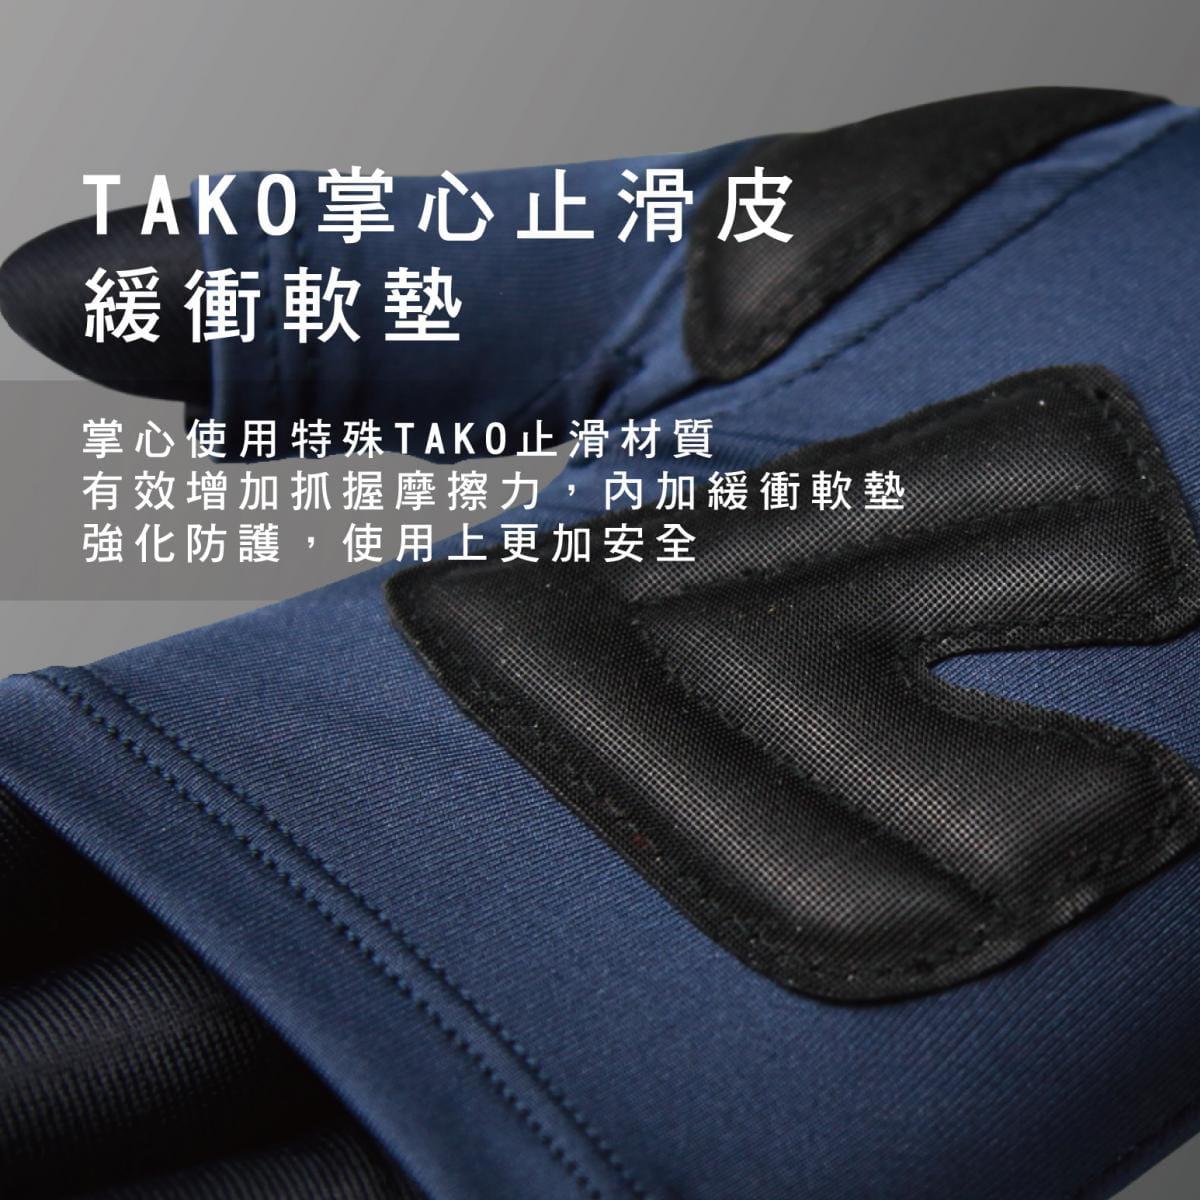 【威飛客手袋達人】【威飛客WELL FIT】抗UV防蚊扣指袖套 3